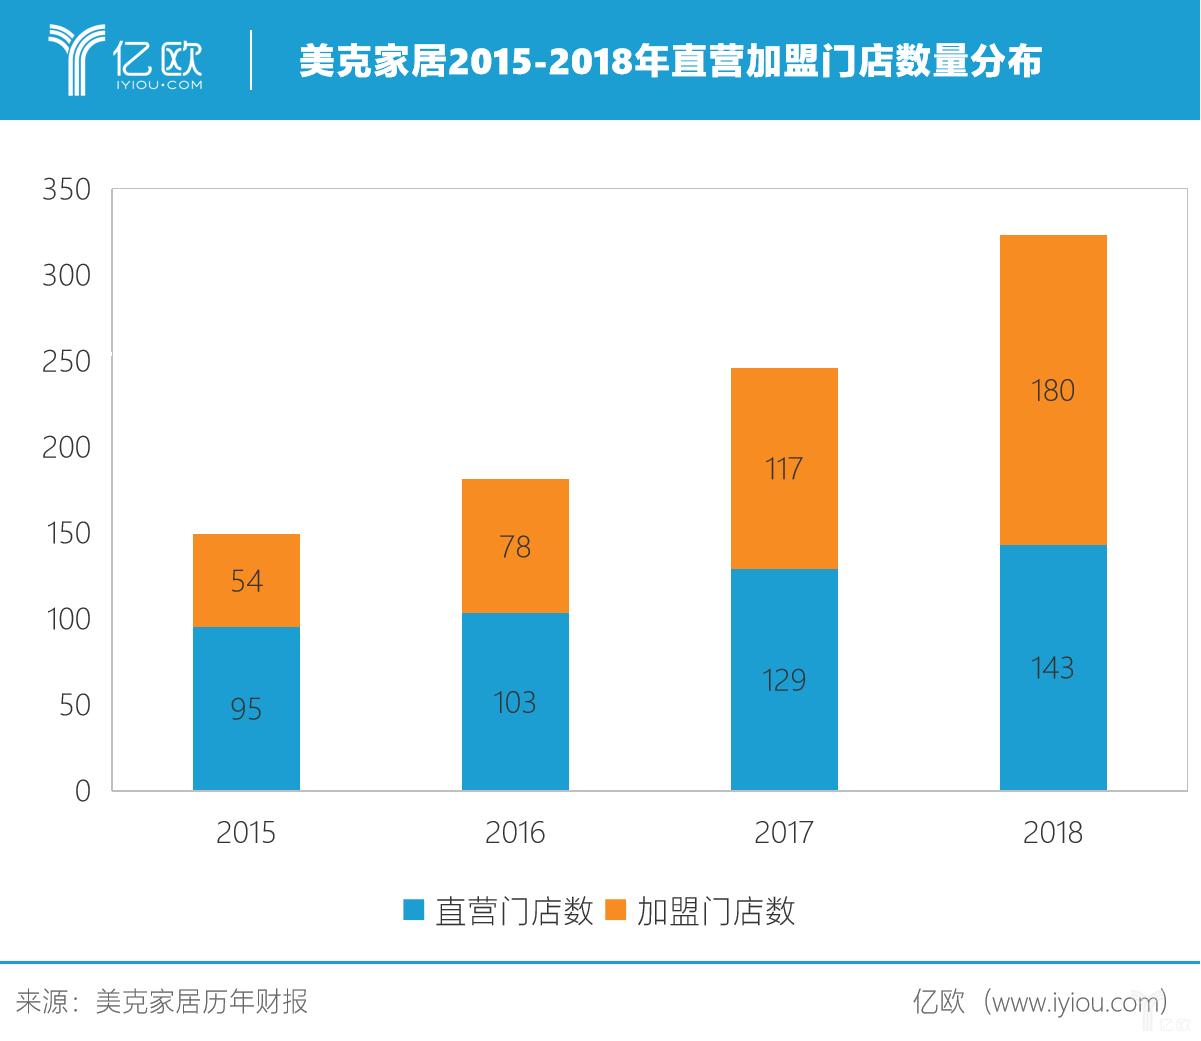 美克家居2015-2018年直营加盟门店分布.png